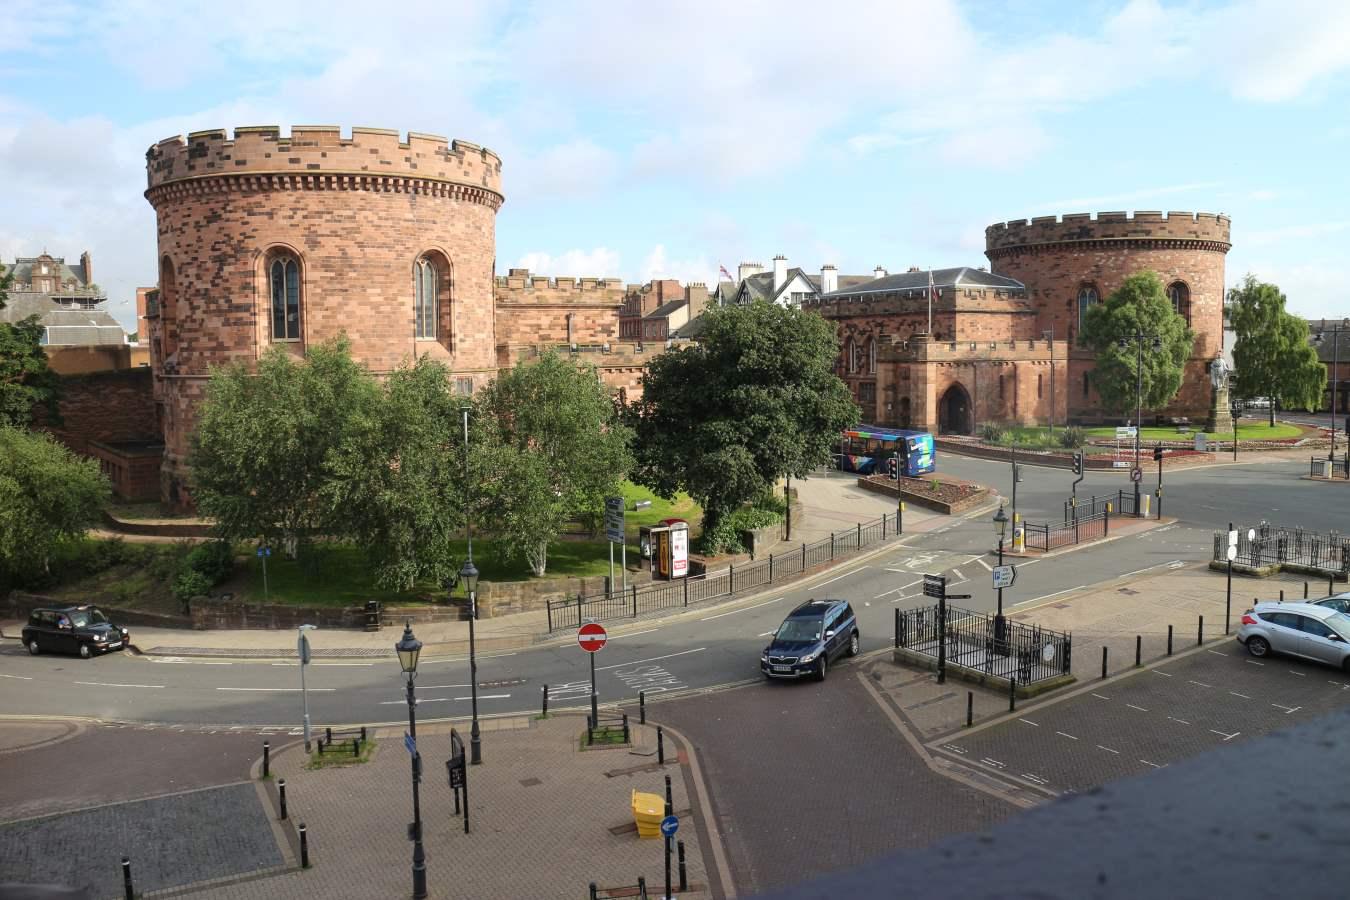 Carlisle, UK